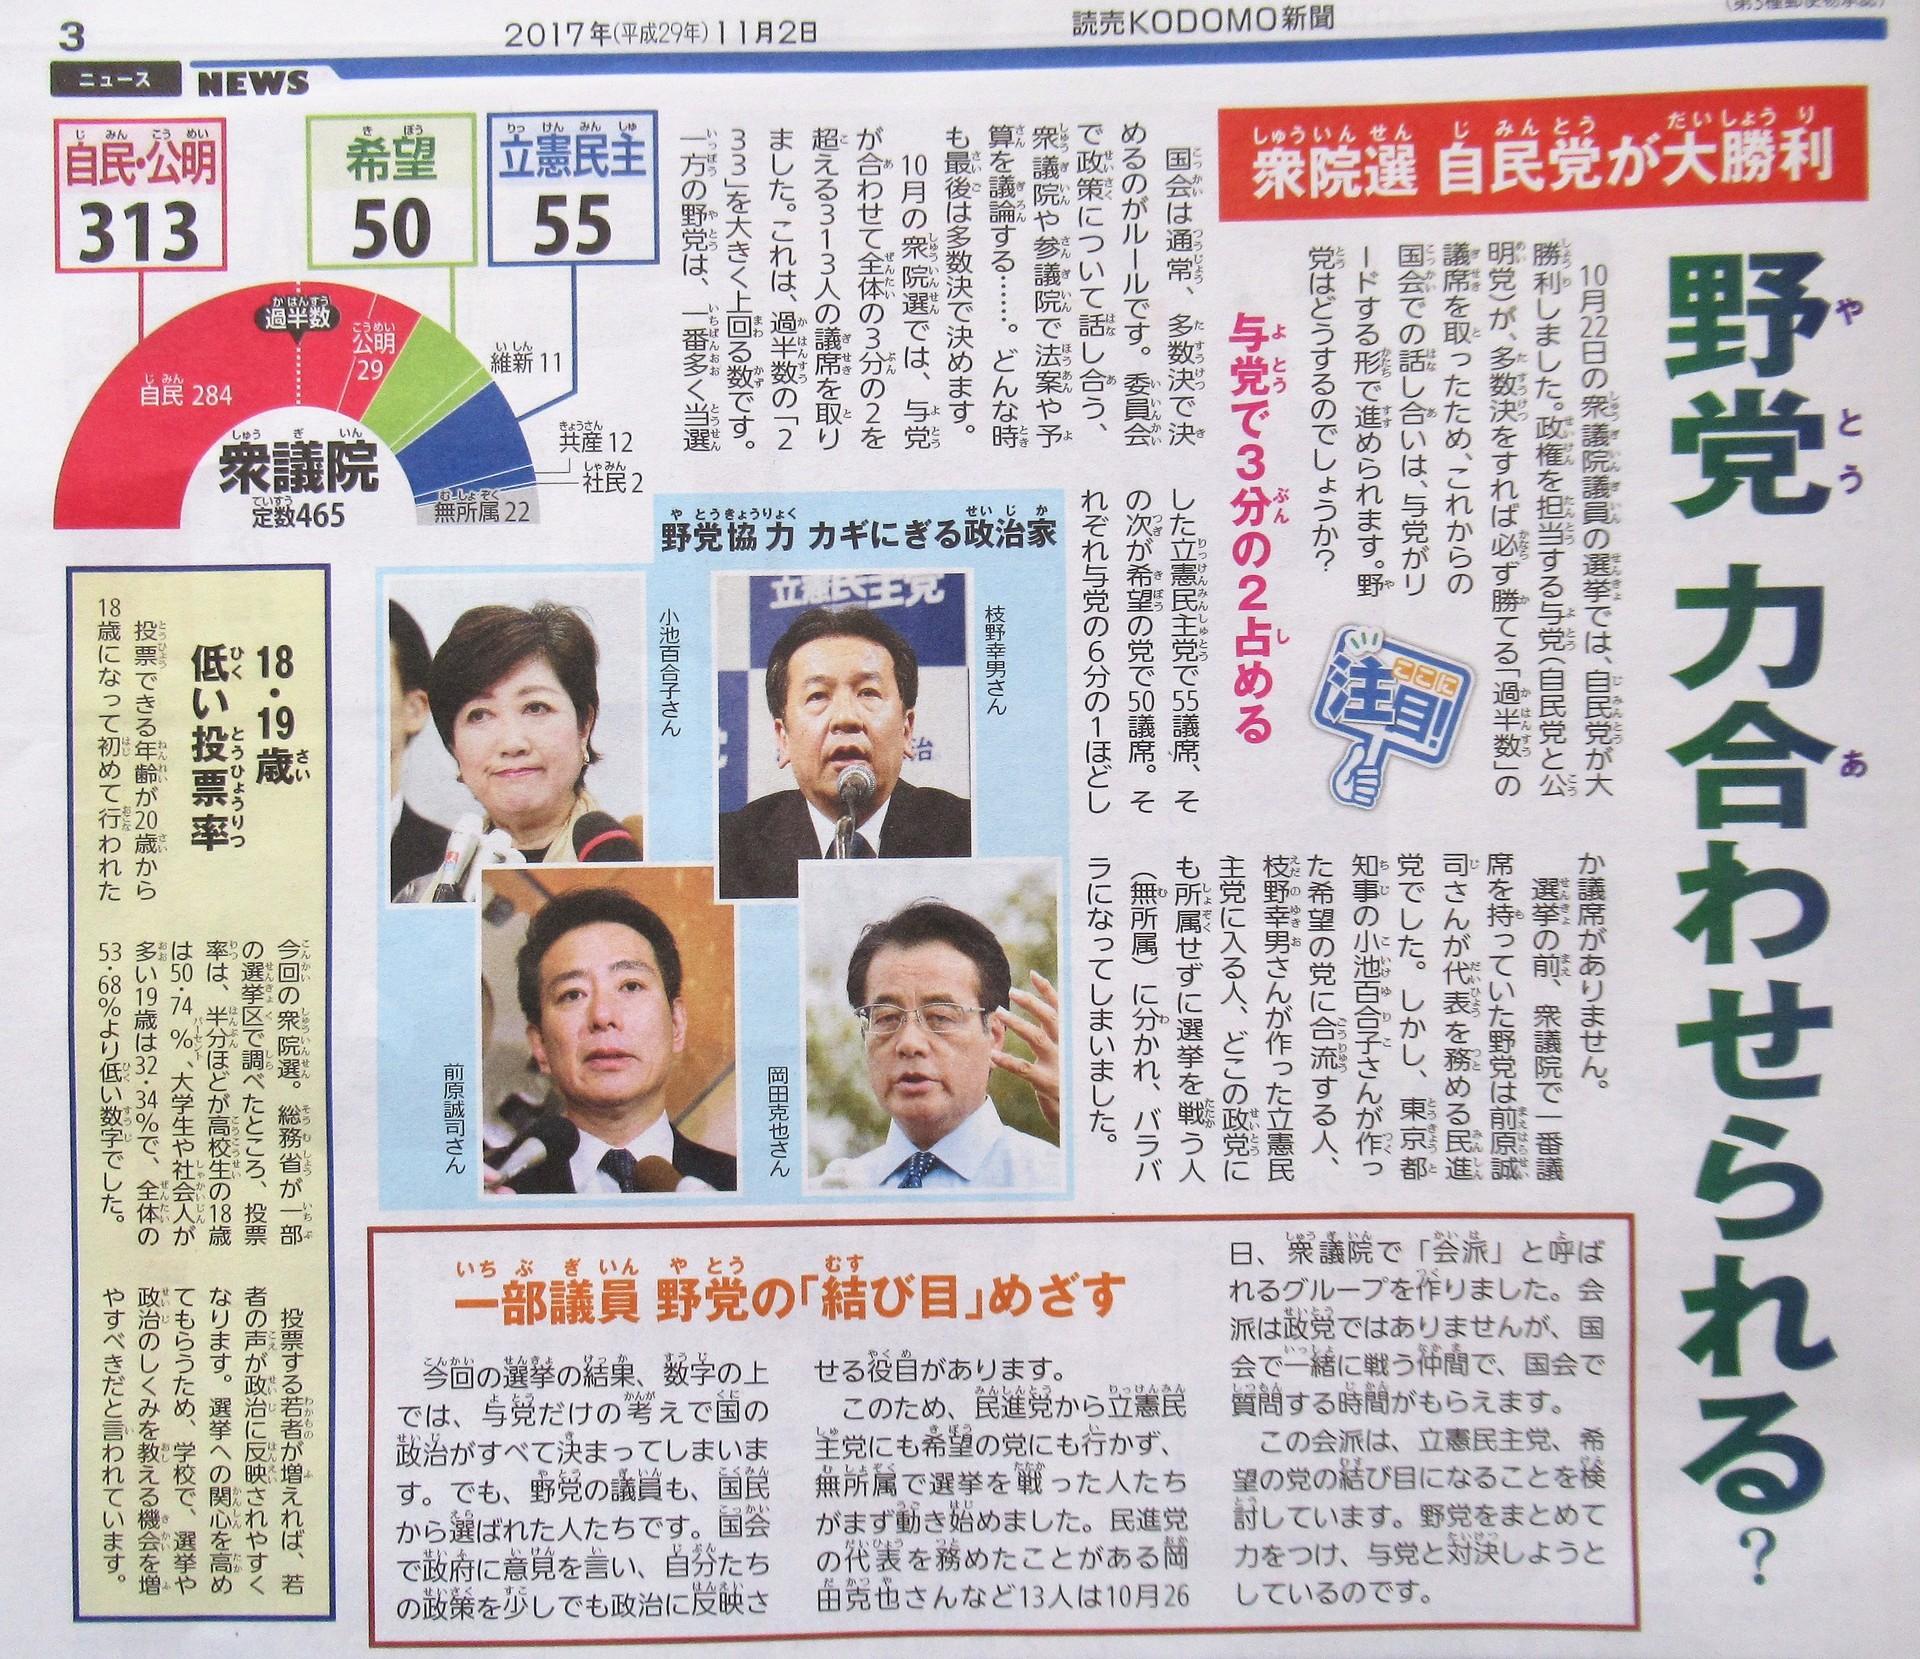 読売こども新聞時事ニュース.JPG